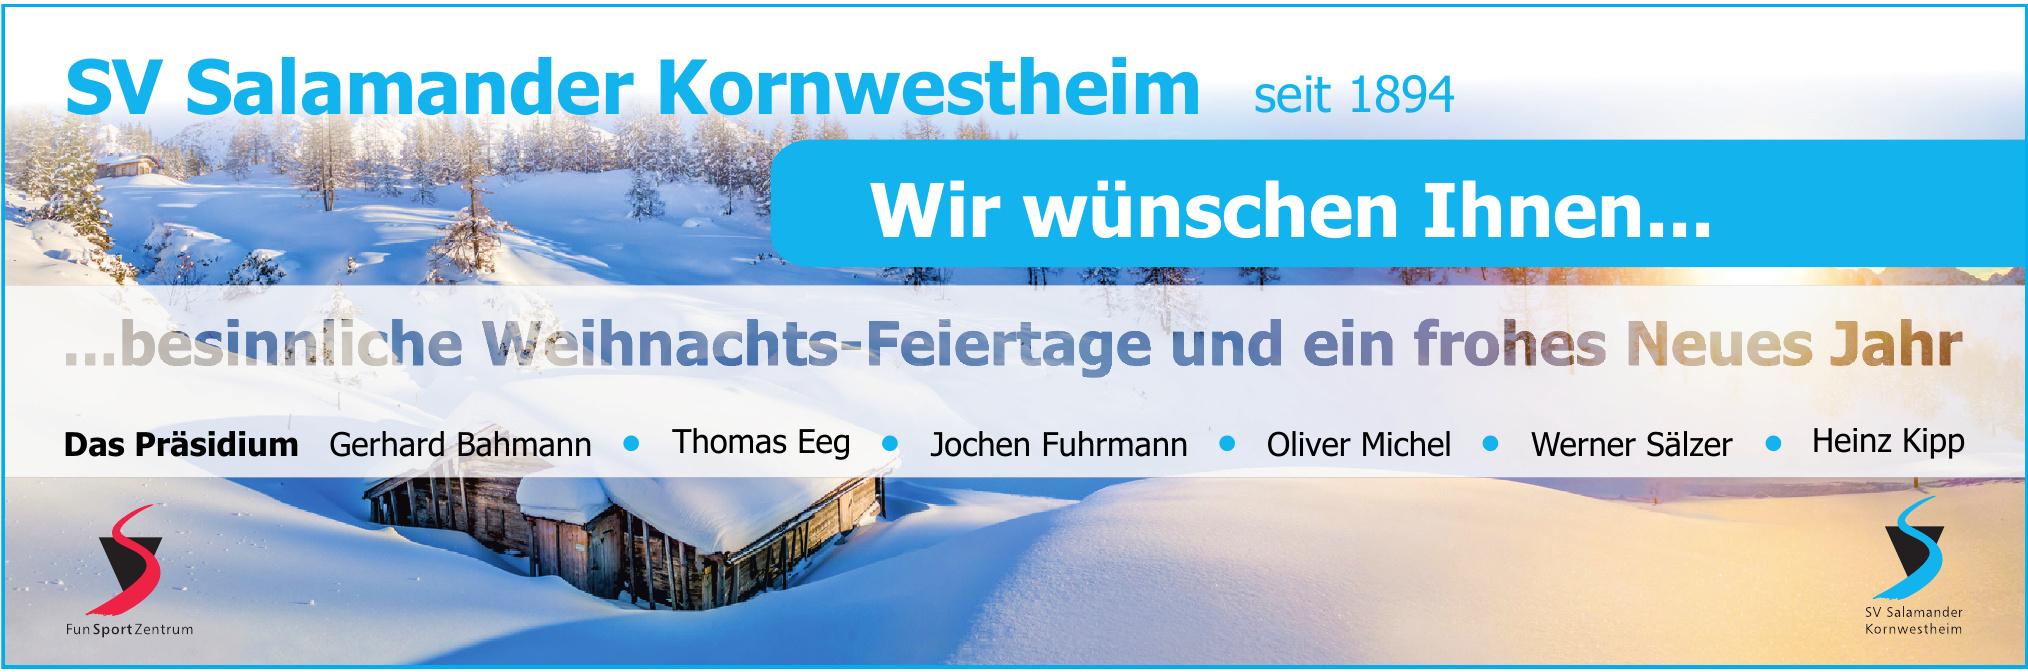 SV Salamander Kornwestheim